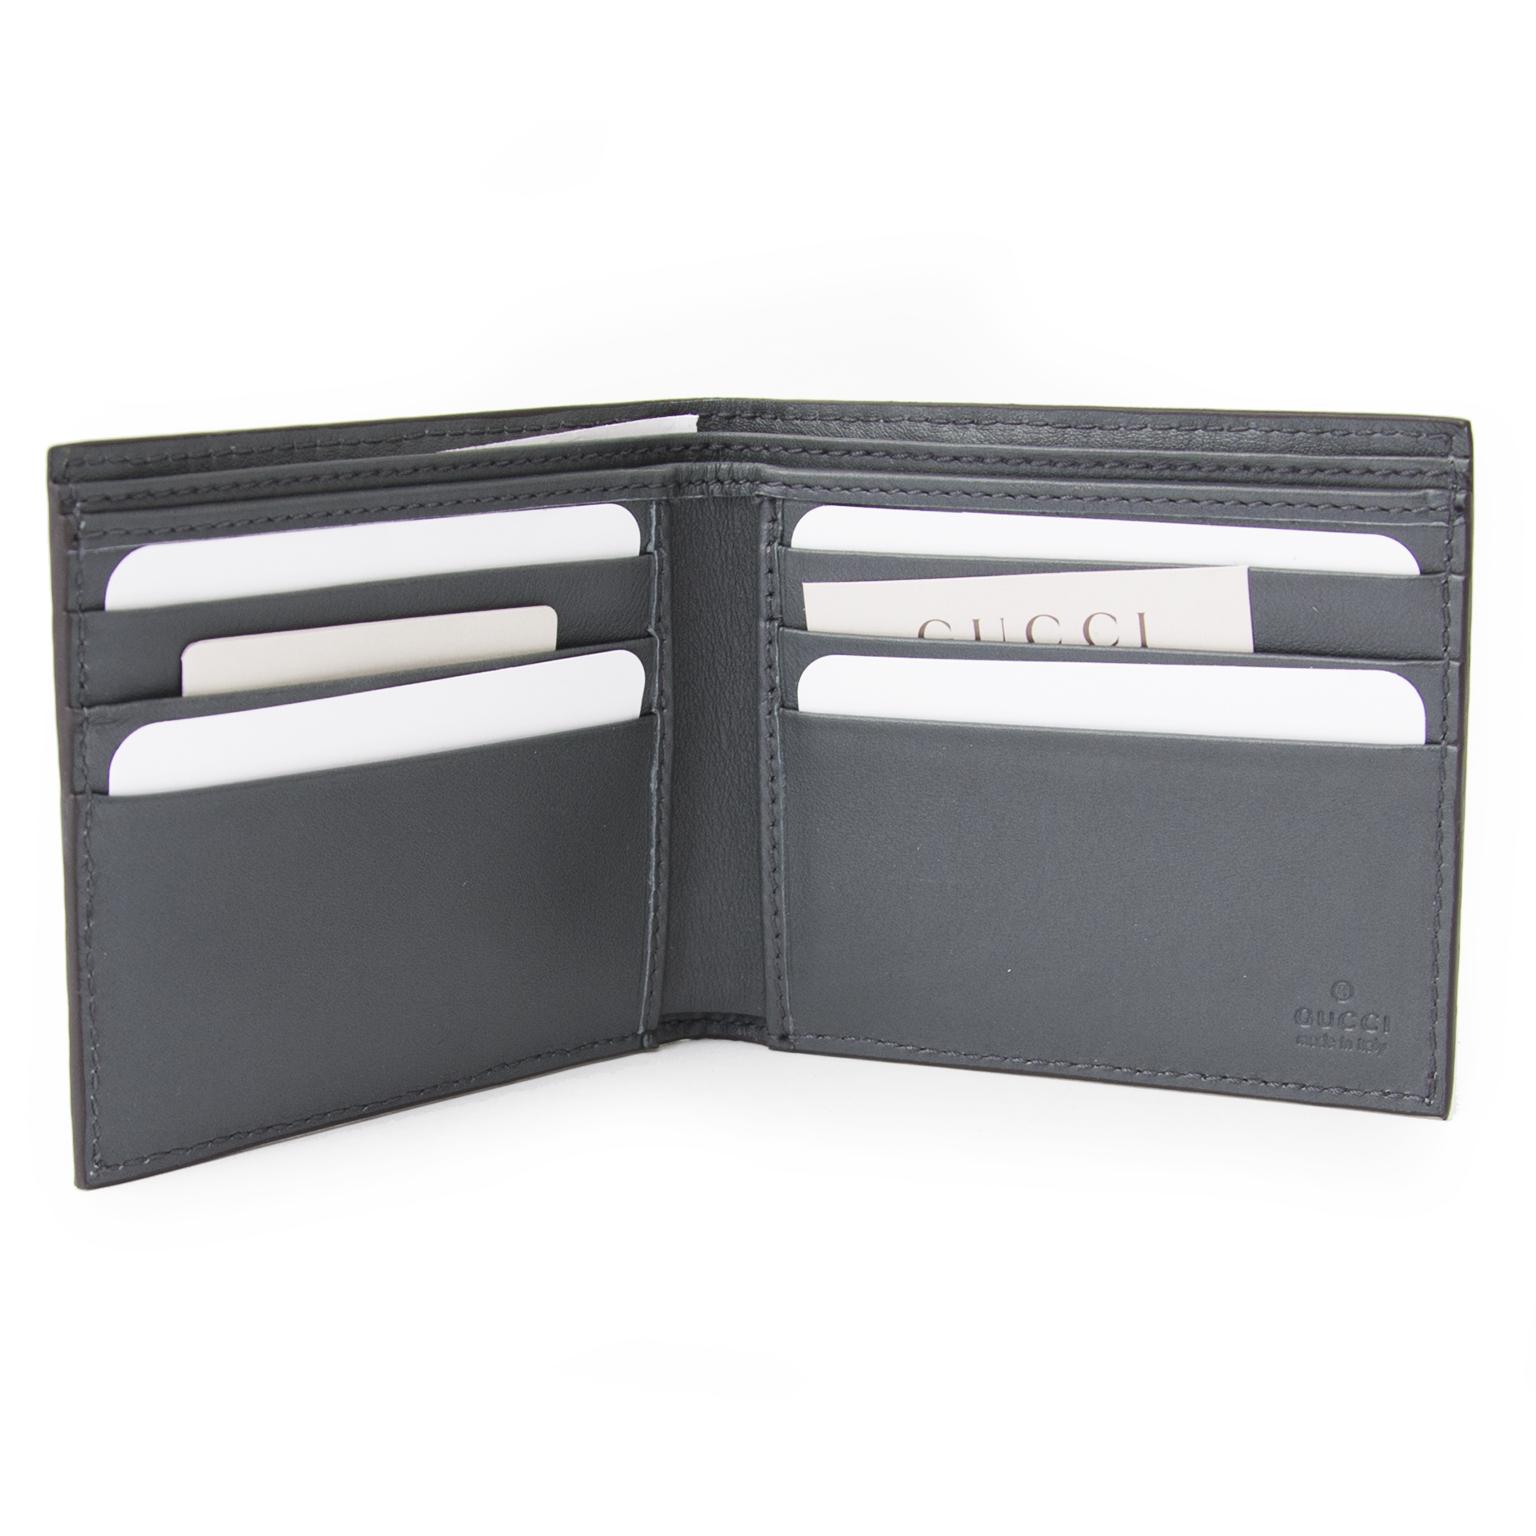 100% authentique Gucci Blue Grey Bi-Fold Guccissima portefeuille pour le meilleur prix